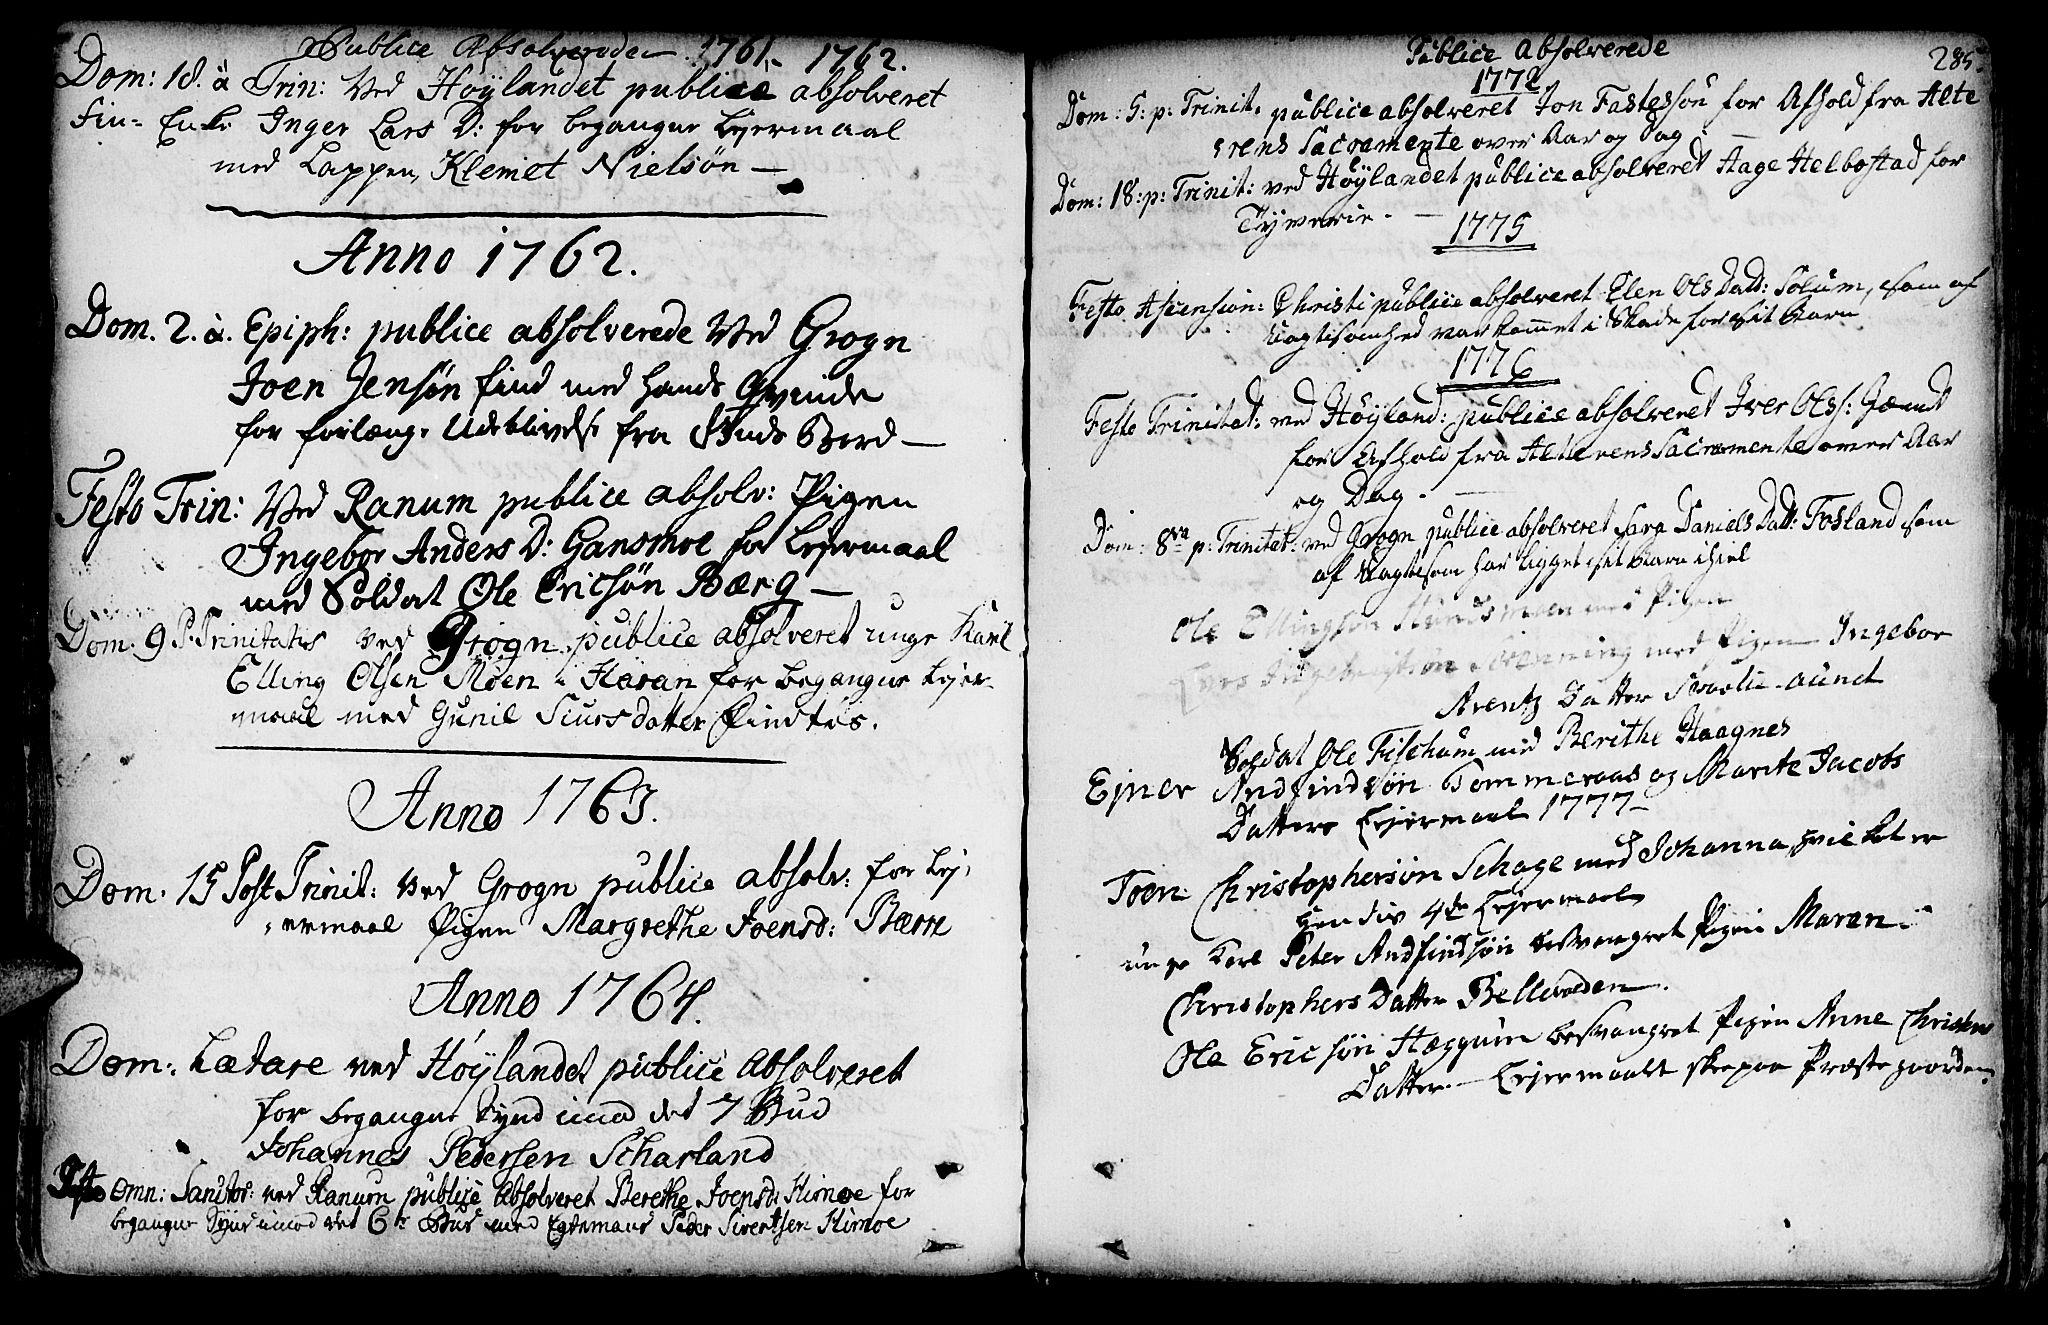 SAT, Ministerialprotokoller, klokkerbøker og fødselsregistre - Nord-Trøndelag, 764/L0542: Ministerialbok nr. 764A02, 1748-1779, s. 285